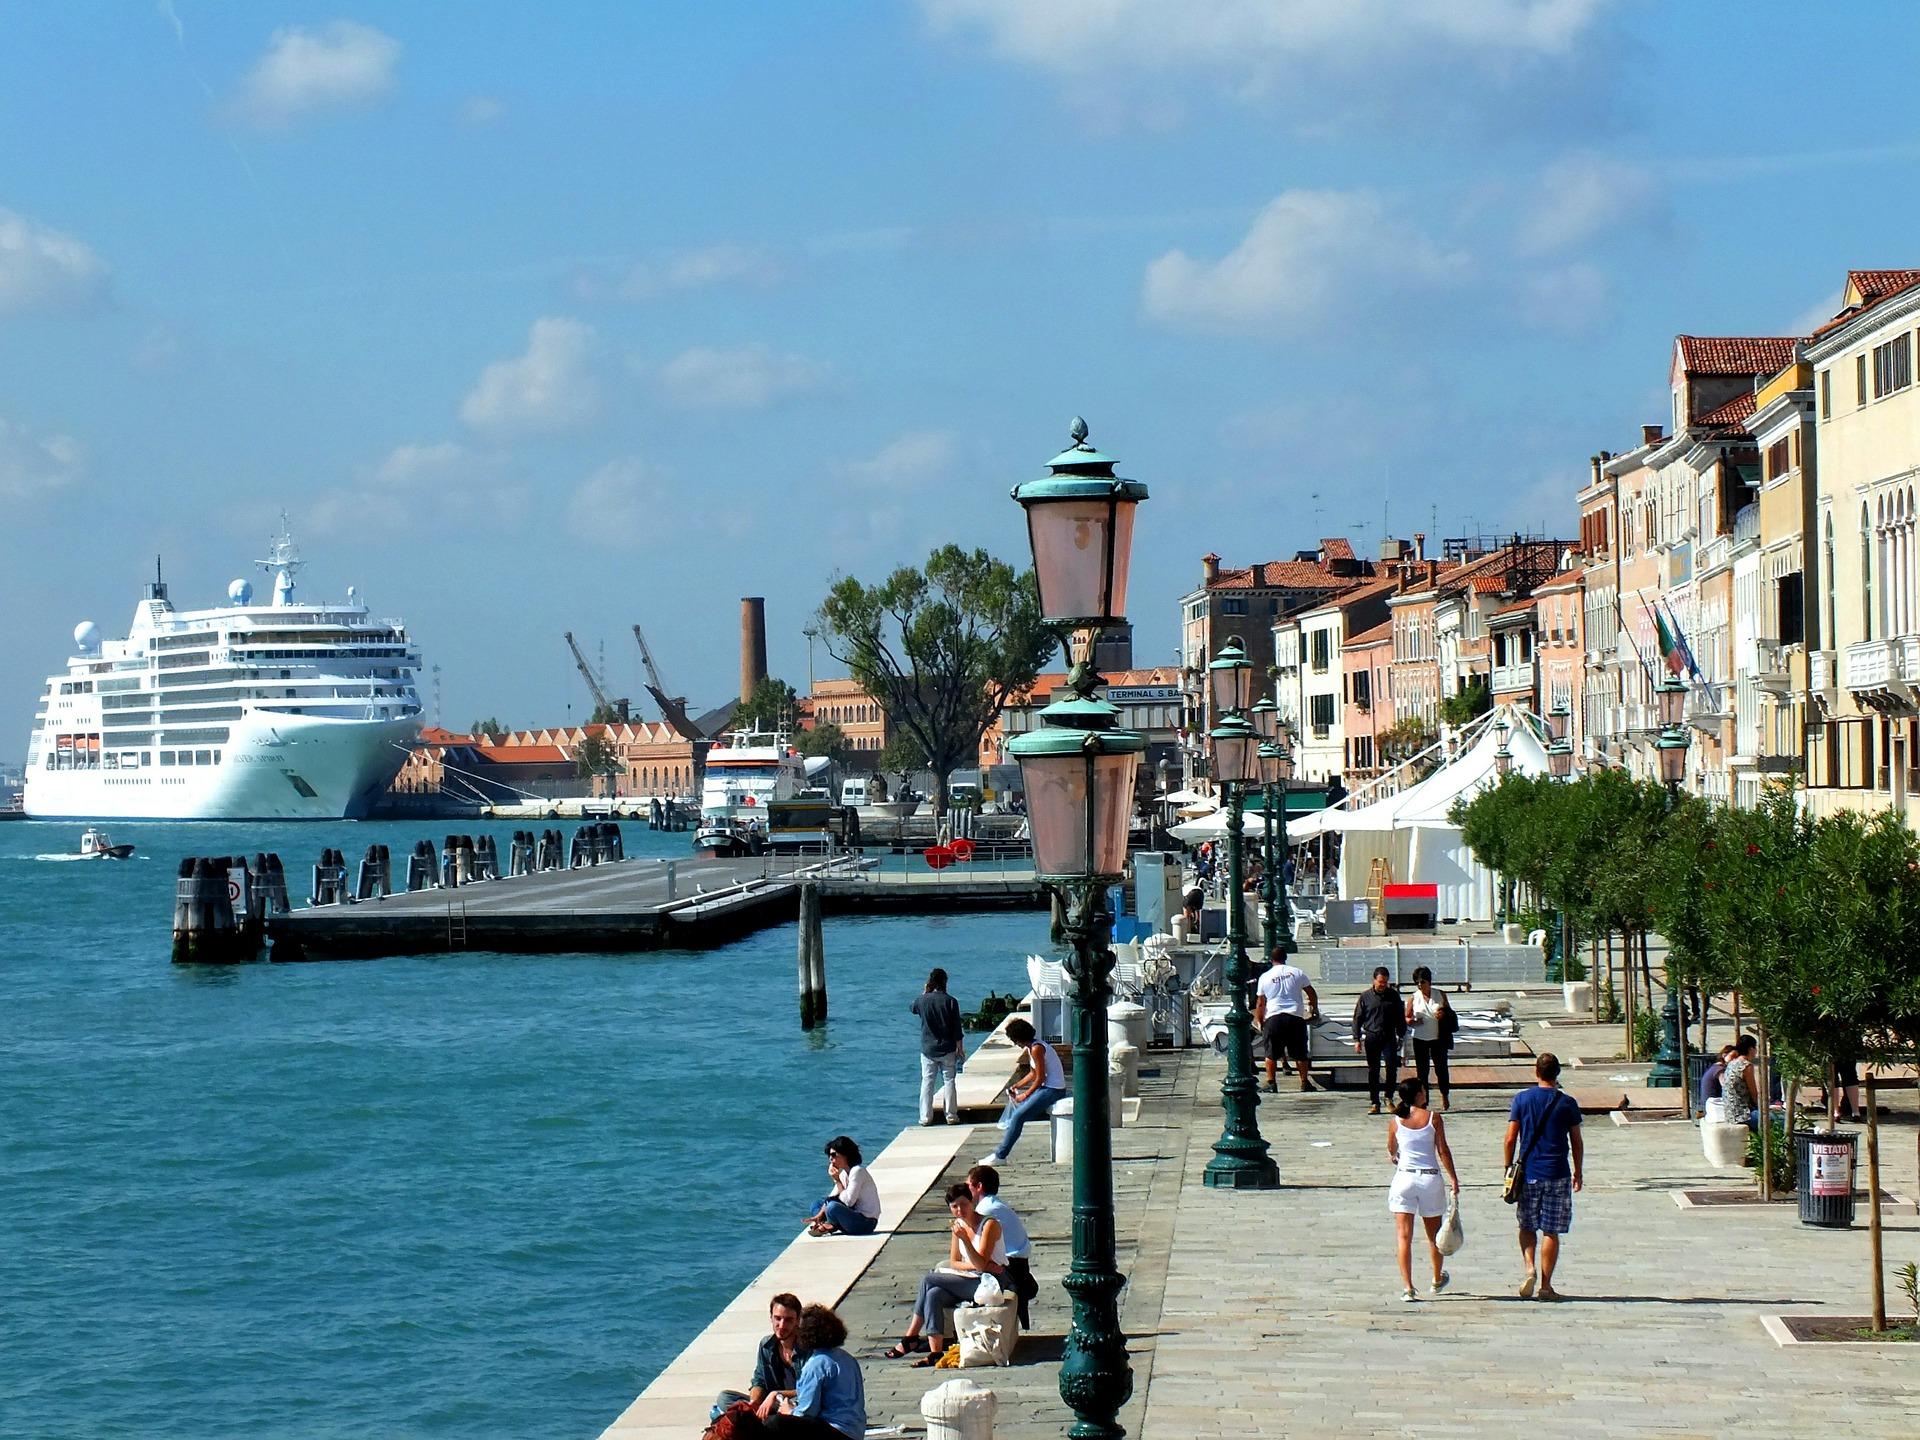 Crociera-MSC-Meraviglia-dal-11-giugno-al-17-giugno-partenza-da-Genova